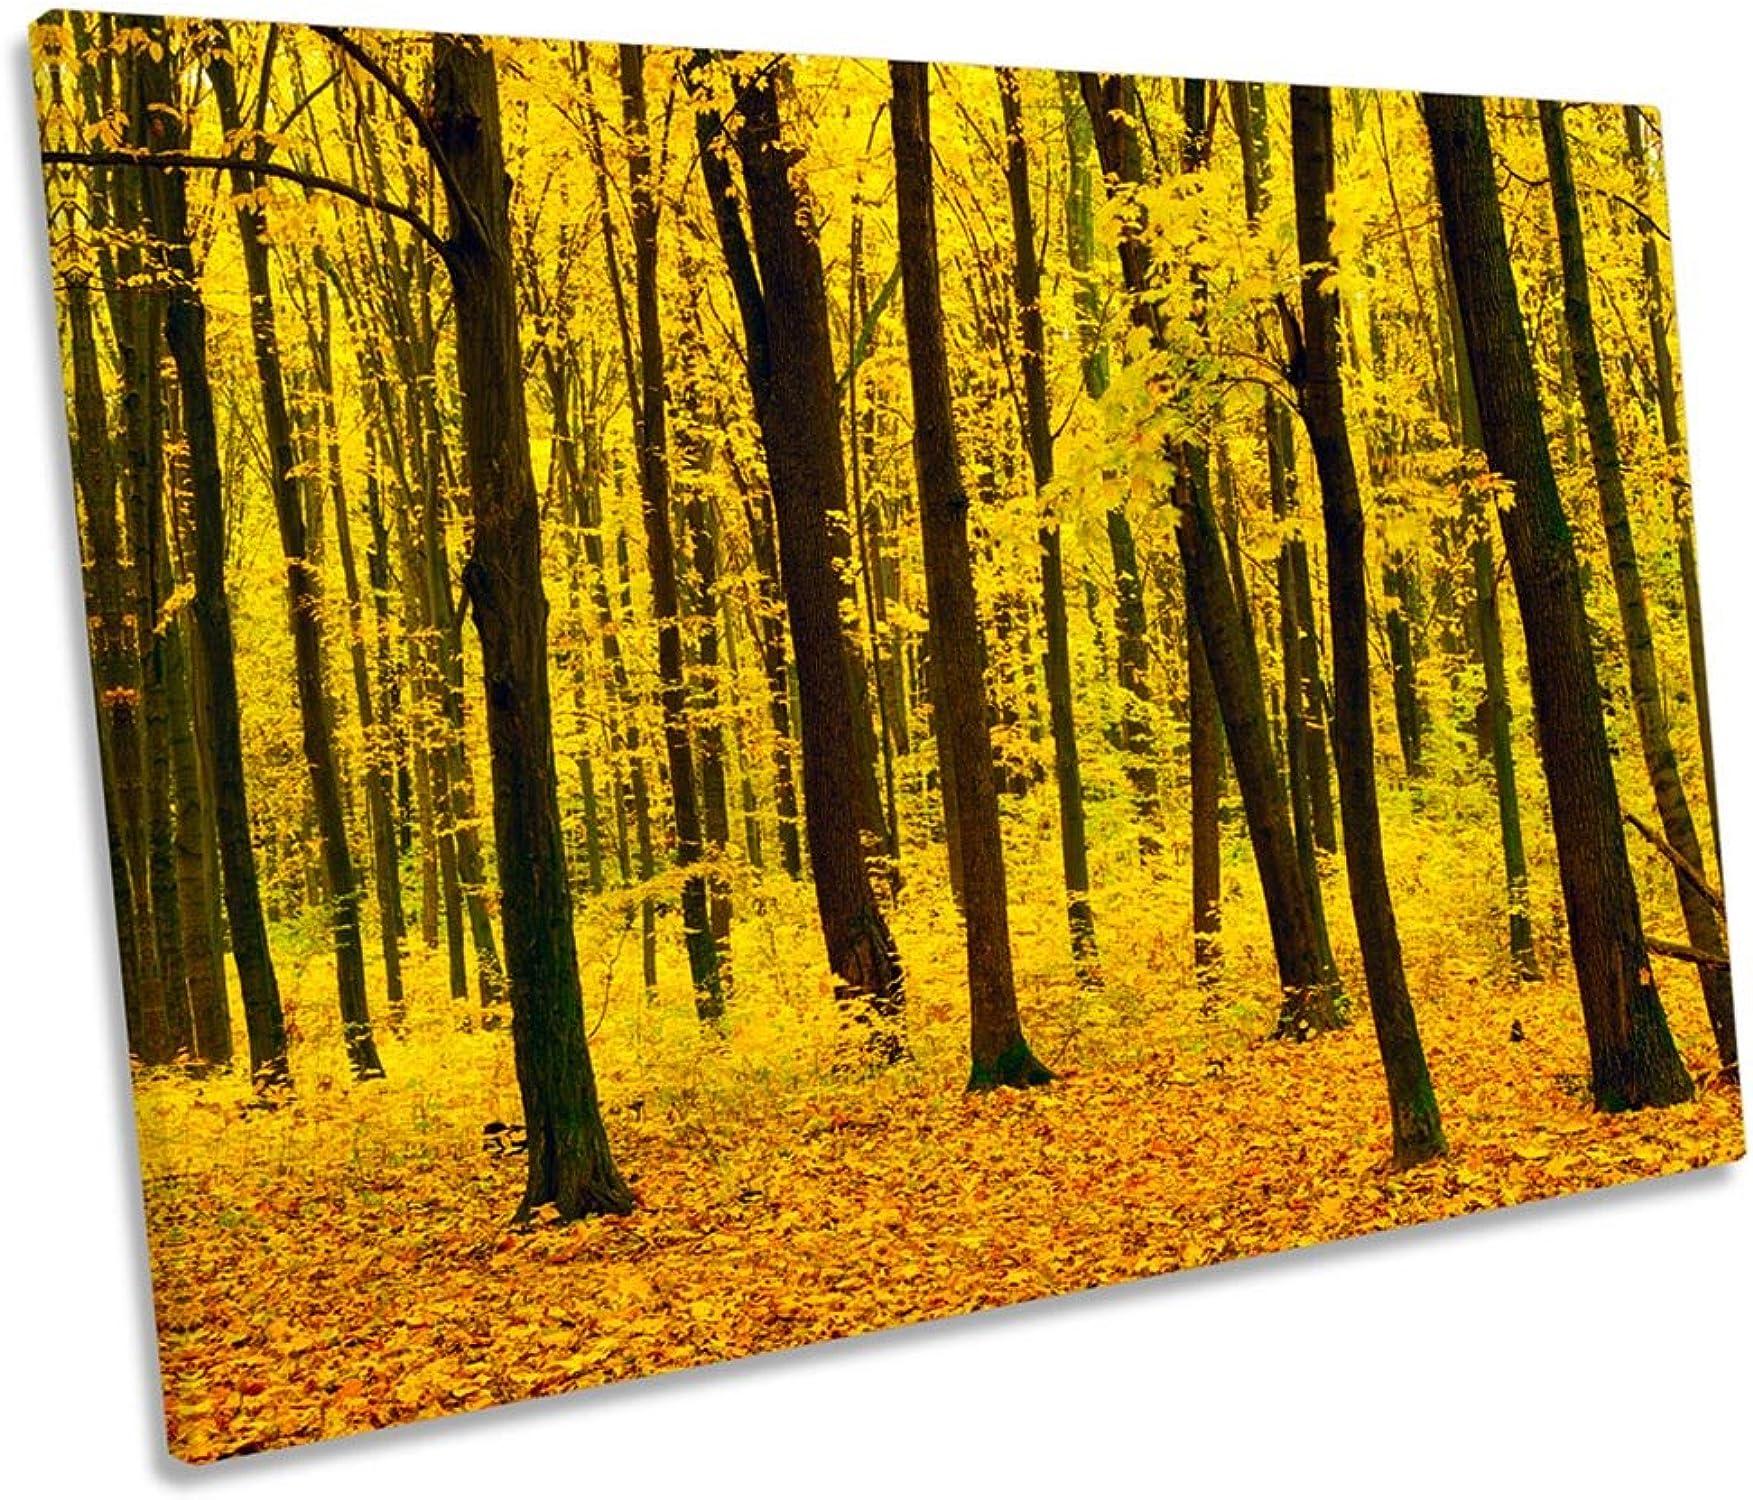 ahorre 60% de descuento Canvas Geeks Lienzo Impreso para Parojo con diseo de árboles árboles árboles del Bosque Amarillo Sunset Single, Amarillo, 60cm Wide x 40cm High  ganancia cero